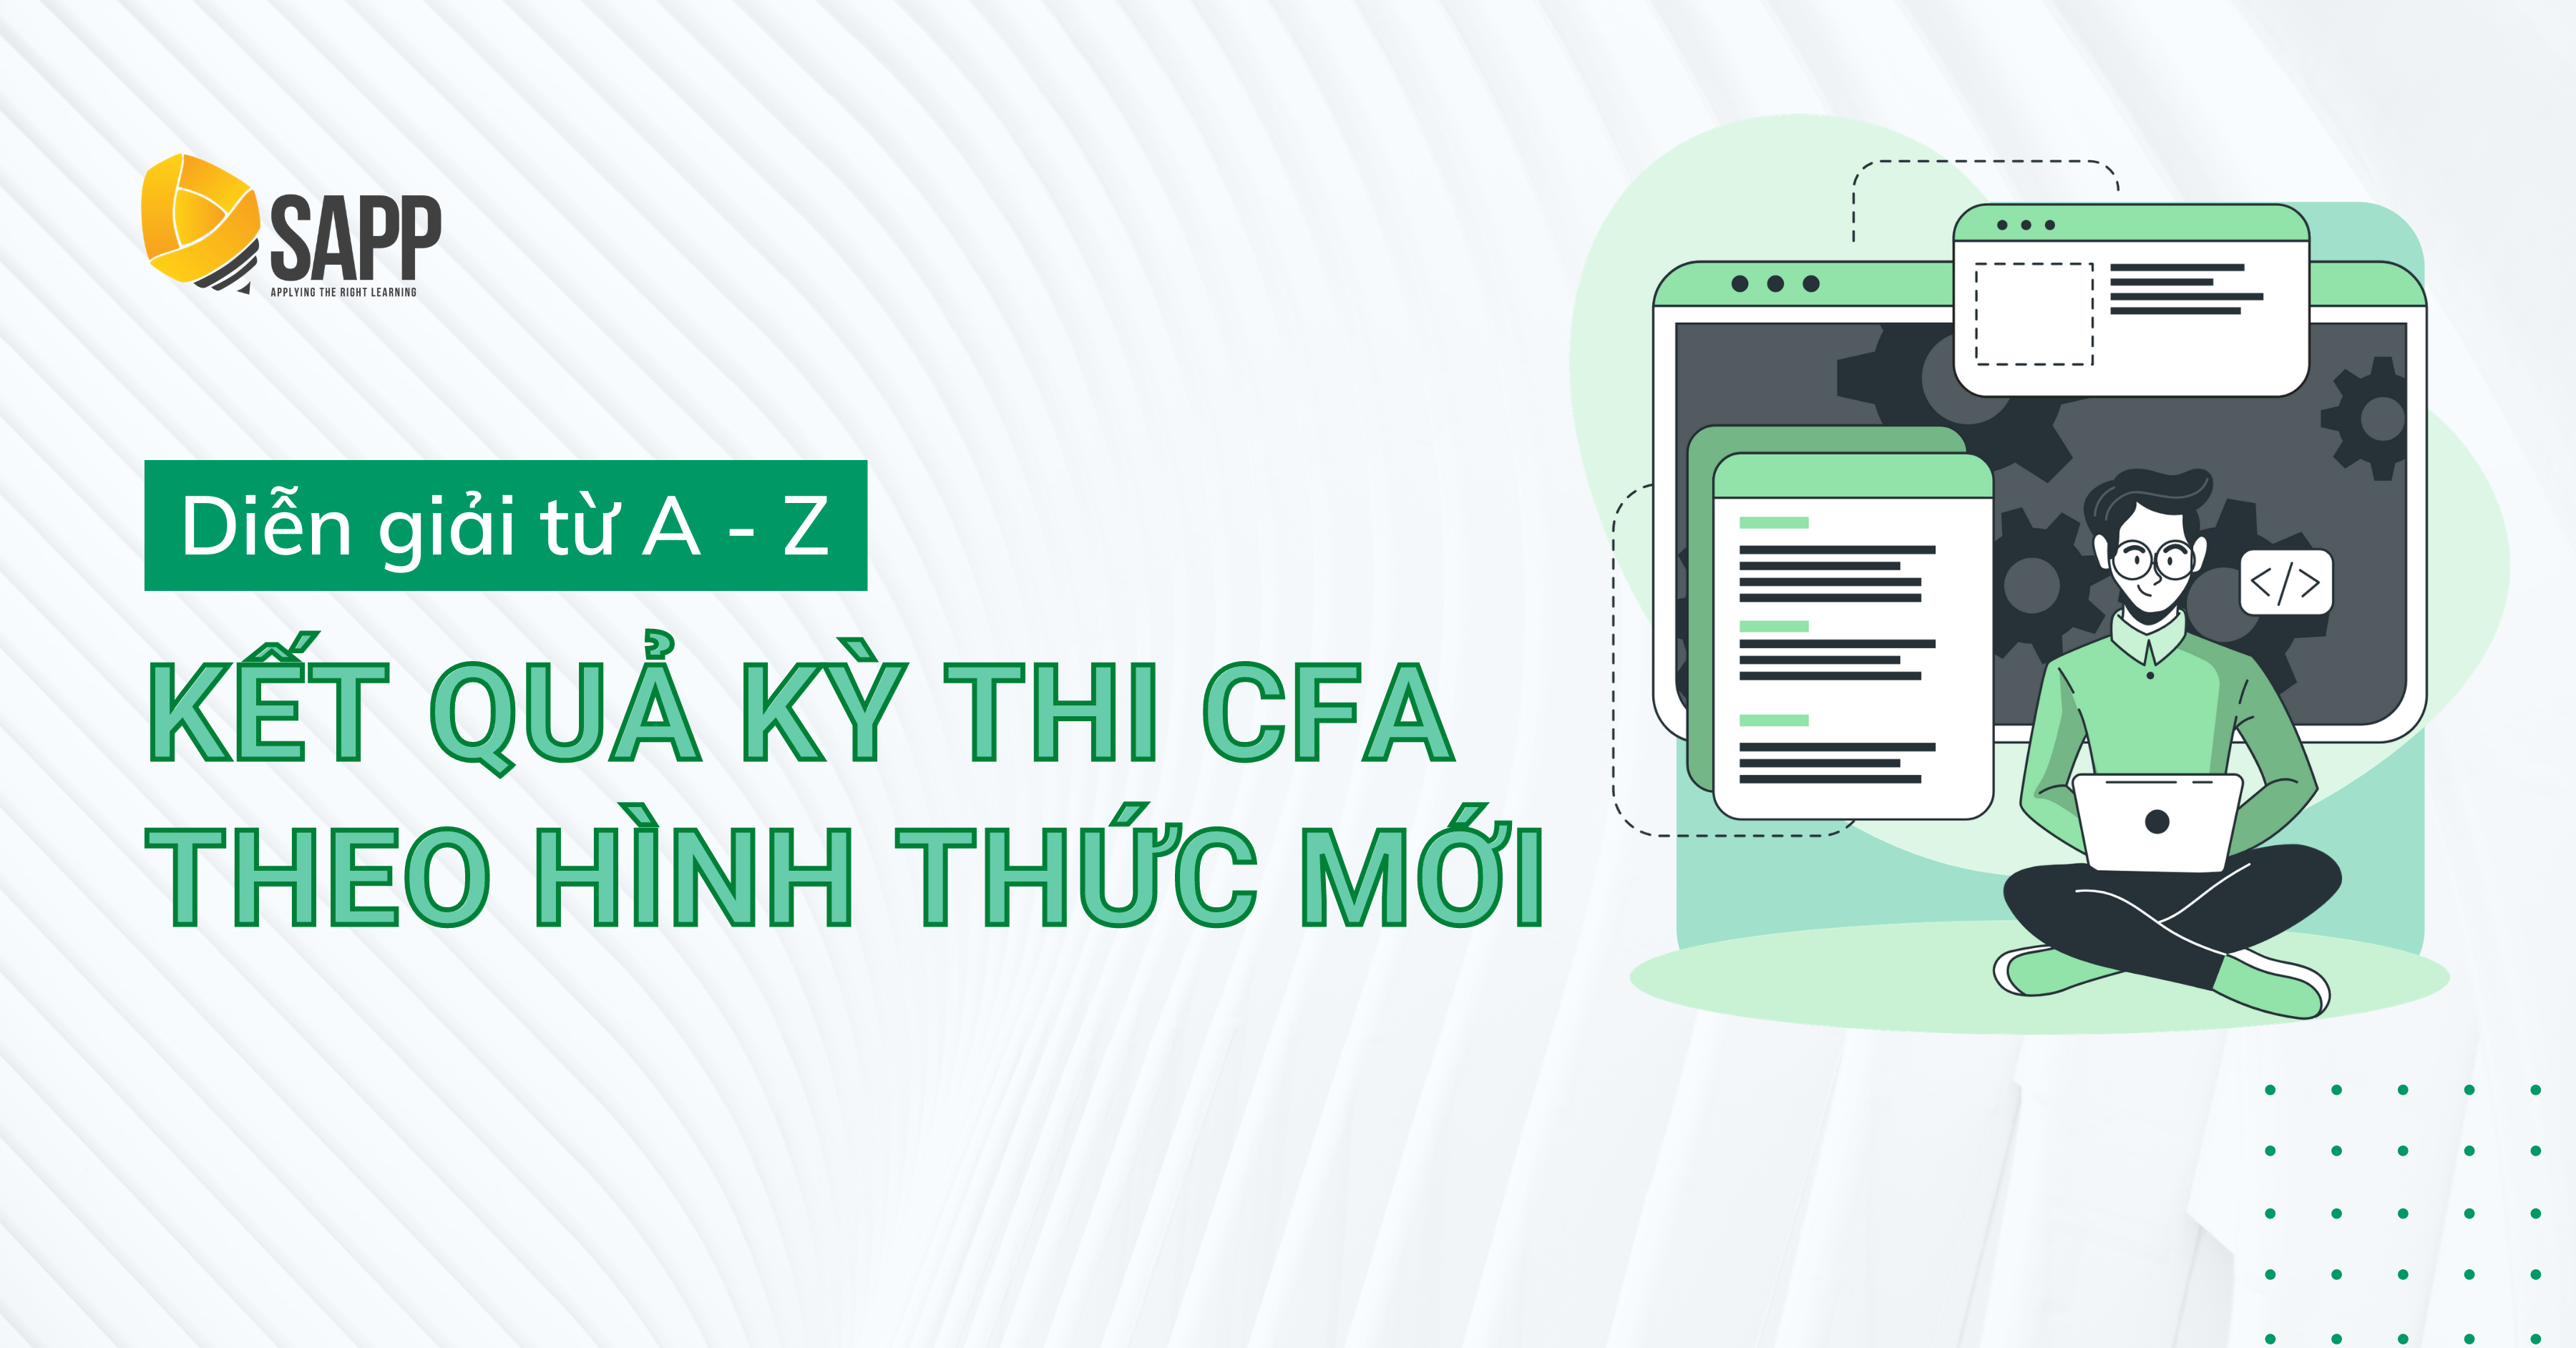 Diễn Giải Từ A - Z Kết Quả Kỳ Thi CFA Theo Hình Thức Mới